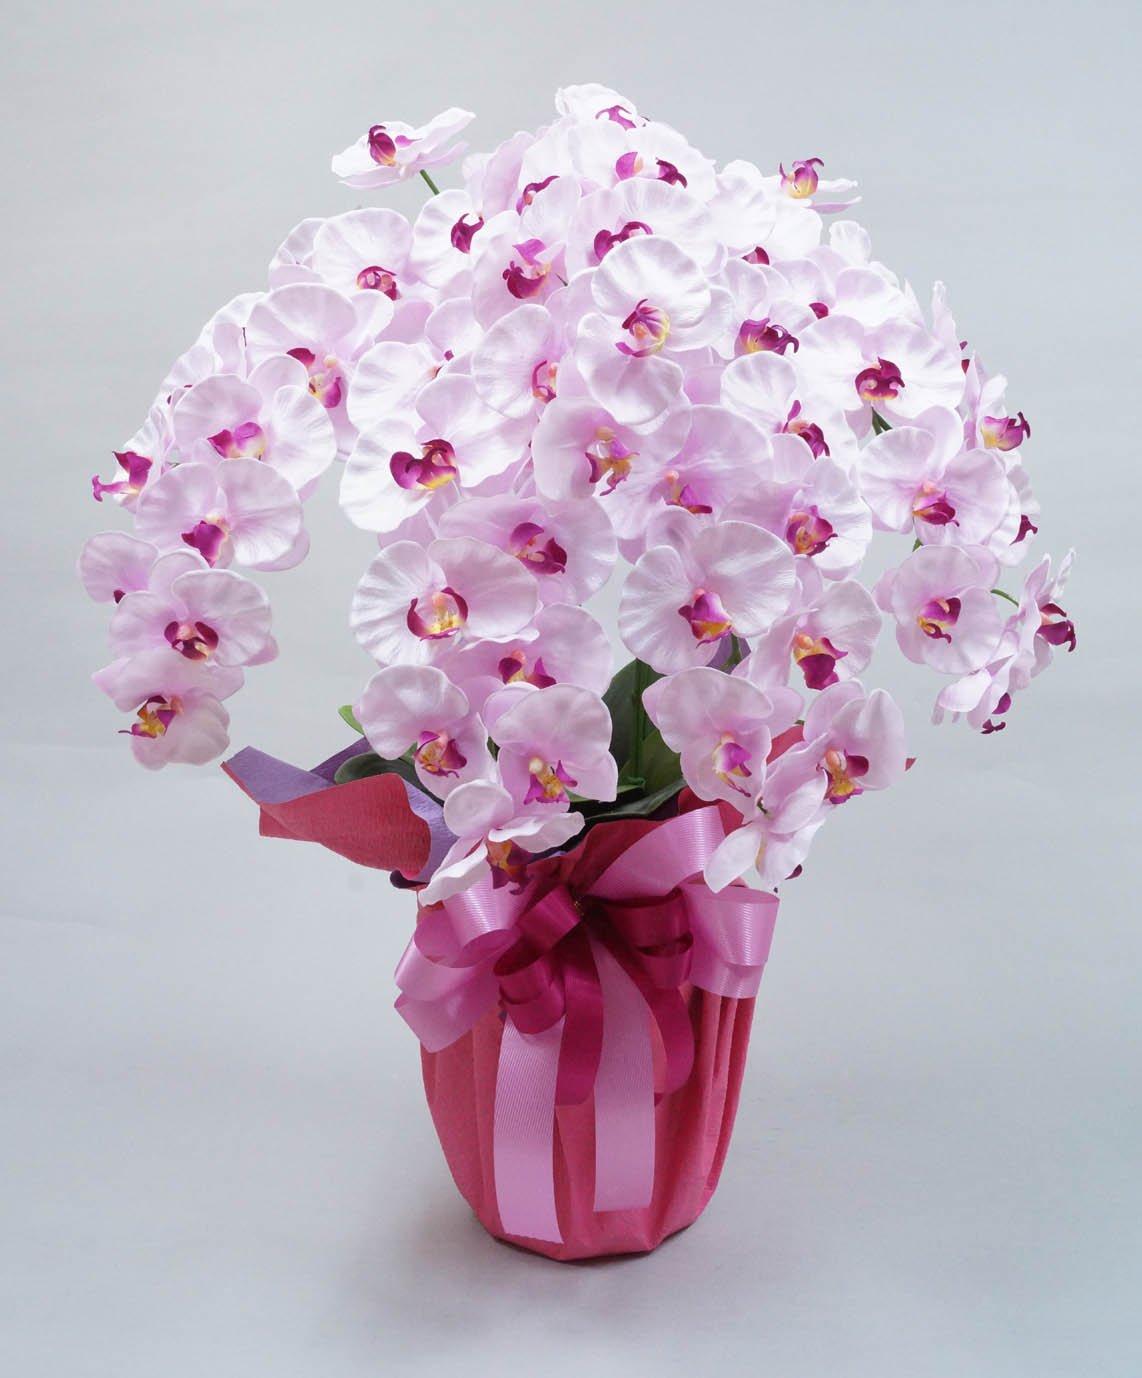 高級胡蝶蘭5本立ち(光触媒)シルクフラワー造花 (ラベンダー) B0159R6CYG  ラベンダー